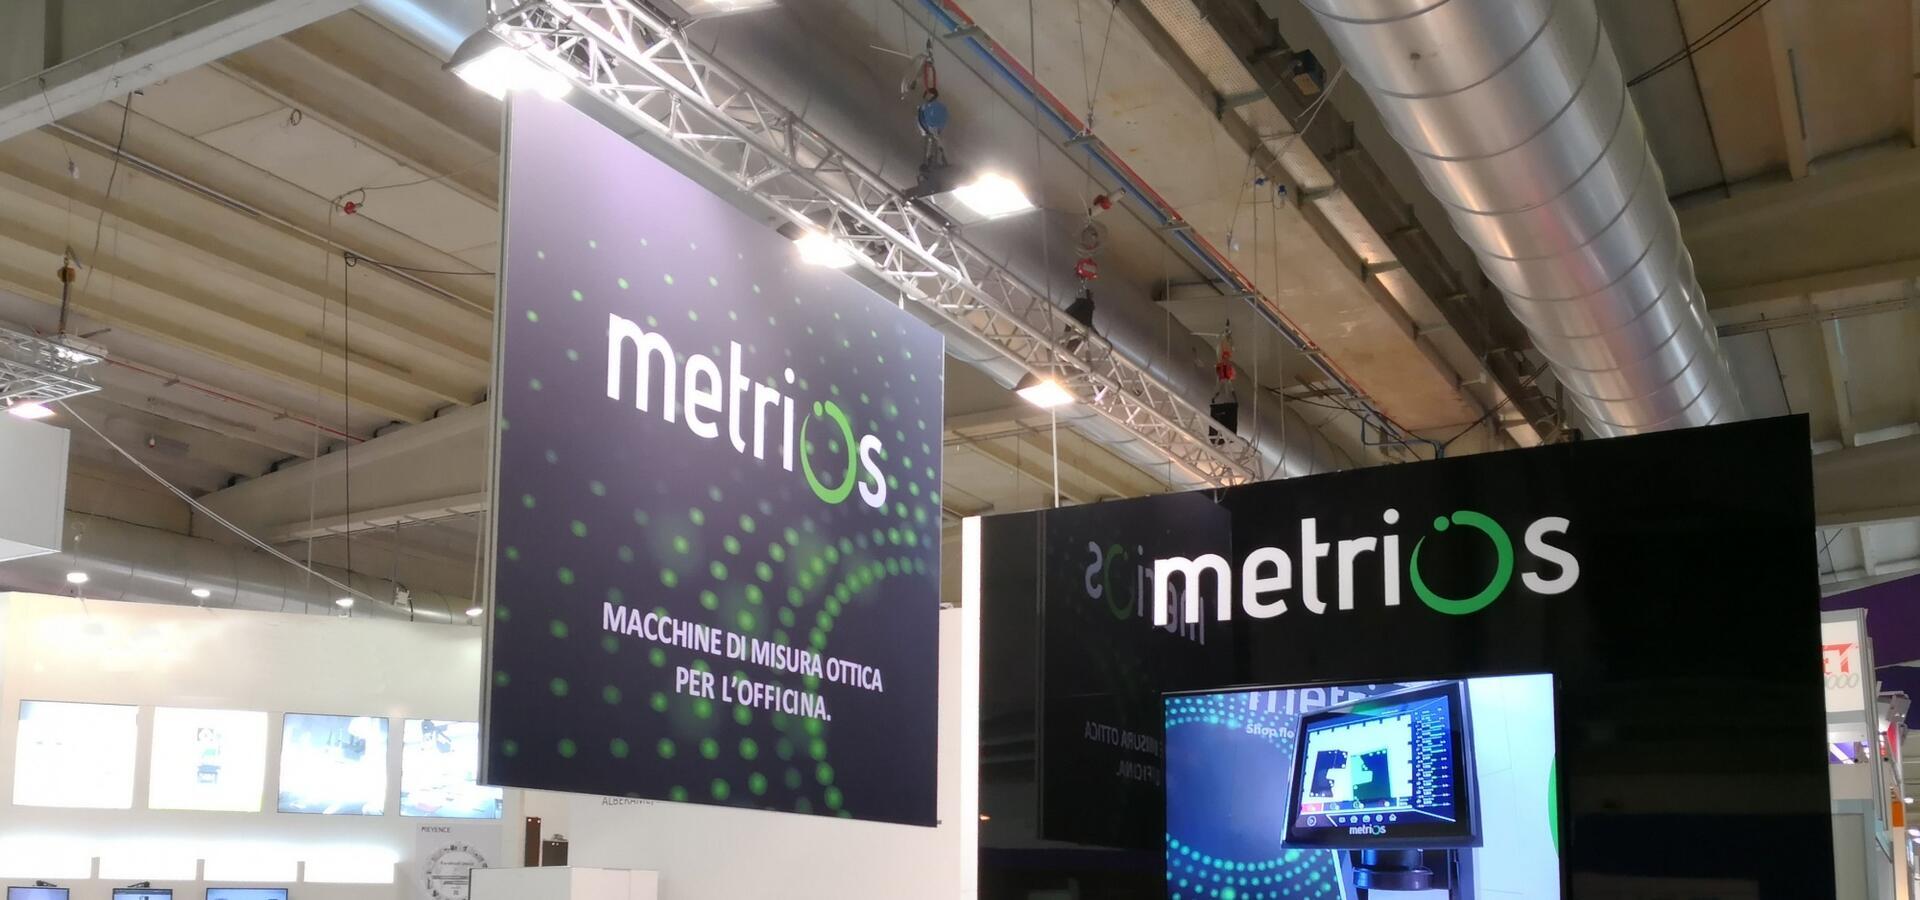 metrios it mecspe-2018-parma-italia 003